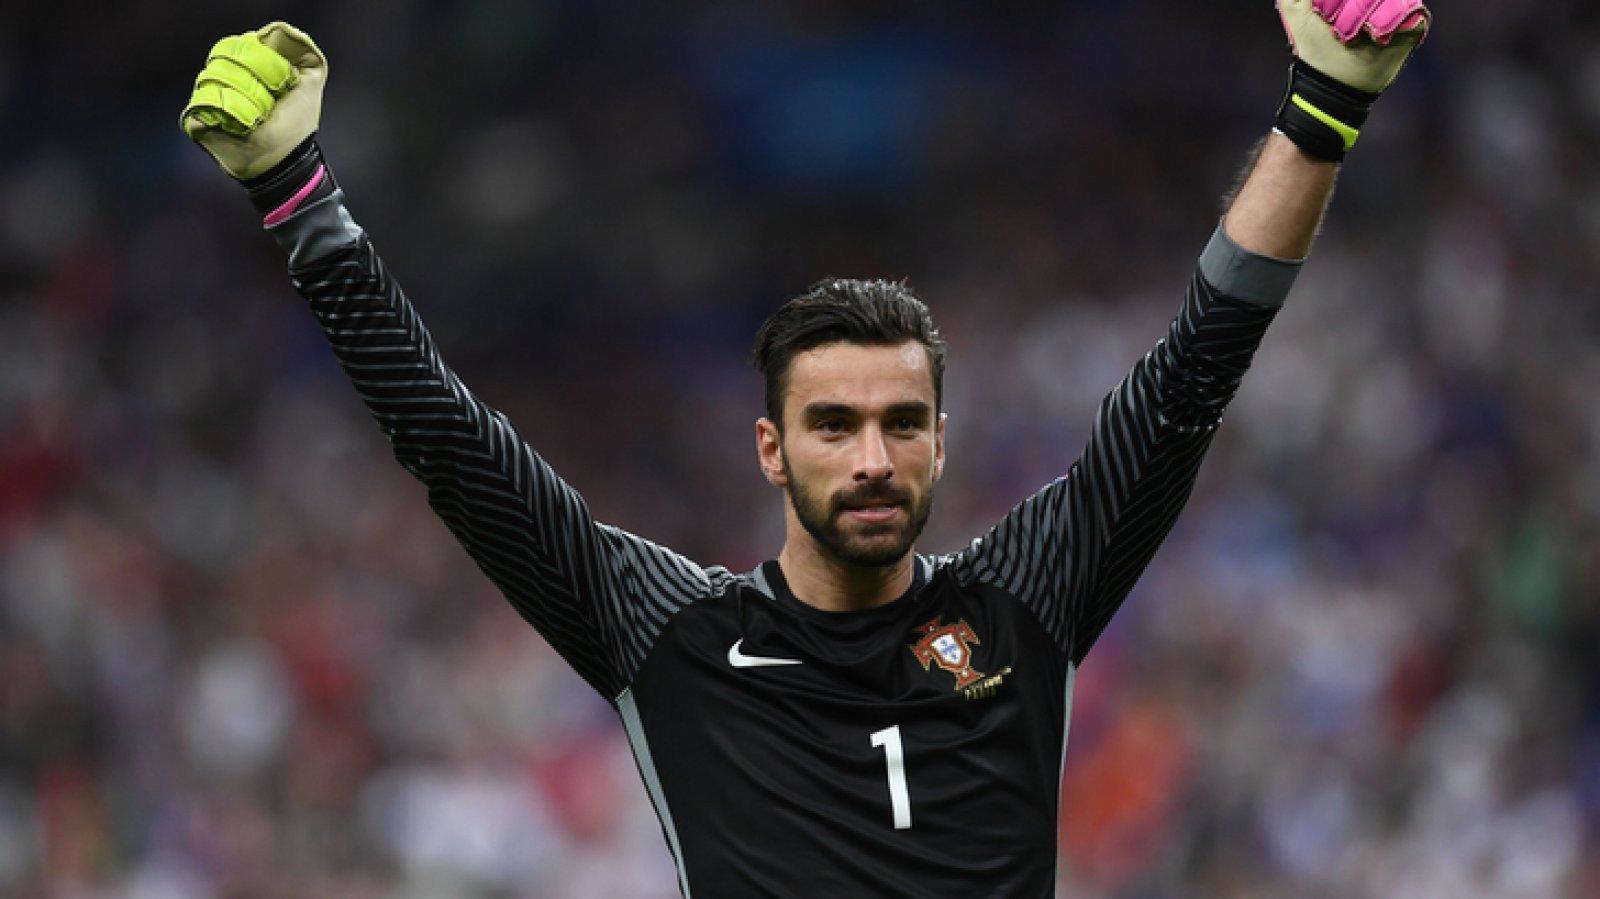 Otro moreno con barba de la selección de Portugal que enamora.